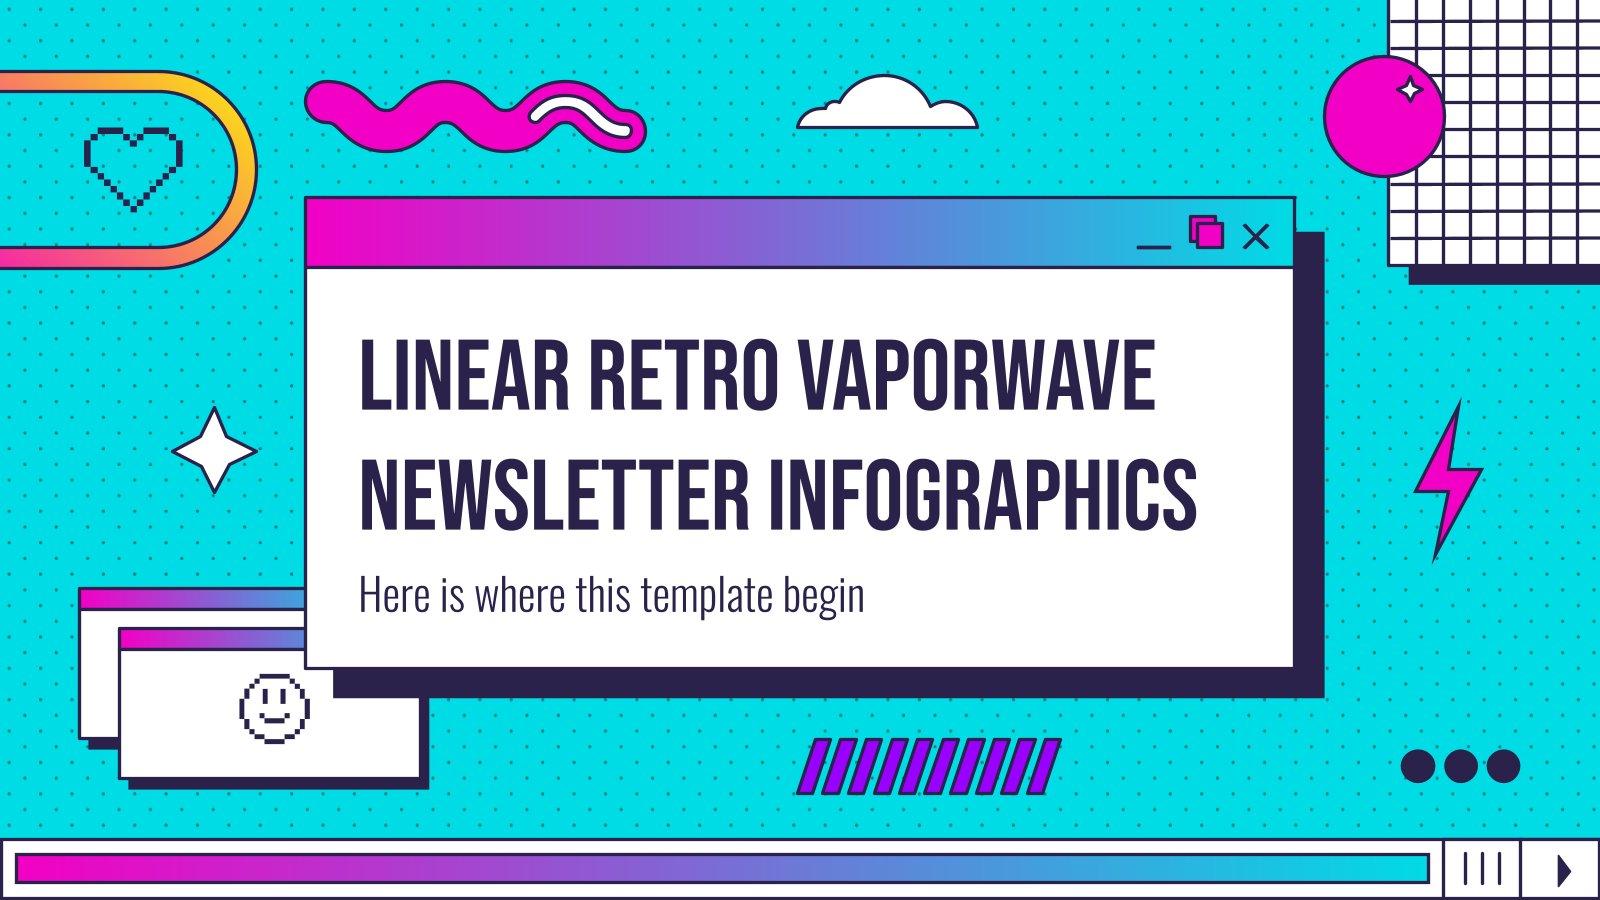 Modelo de apresentação Infográficos boletim linear retrô vaporwave